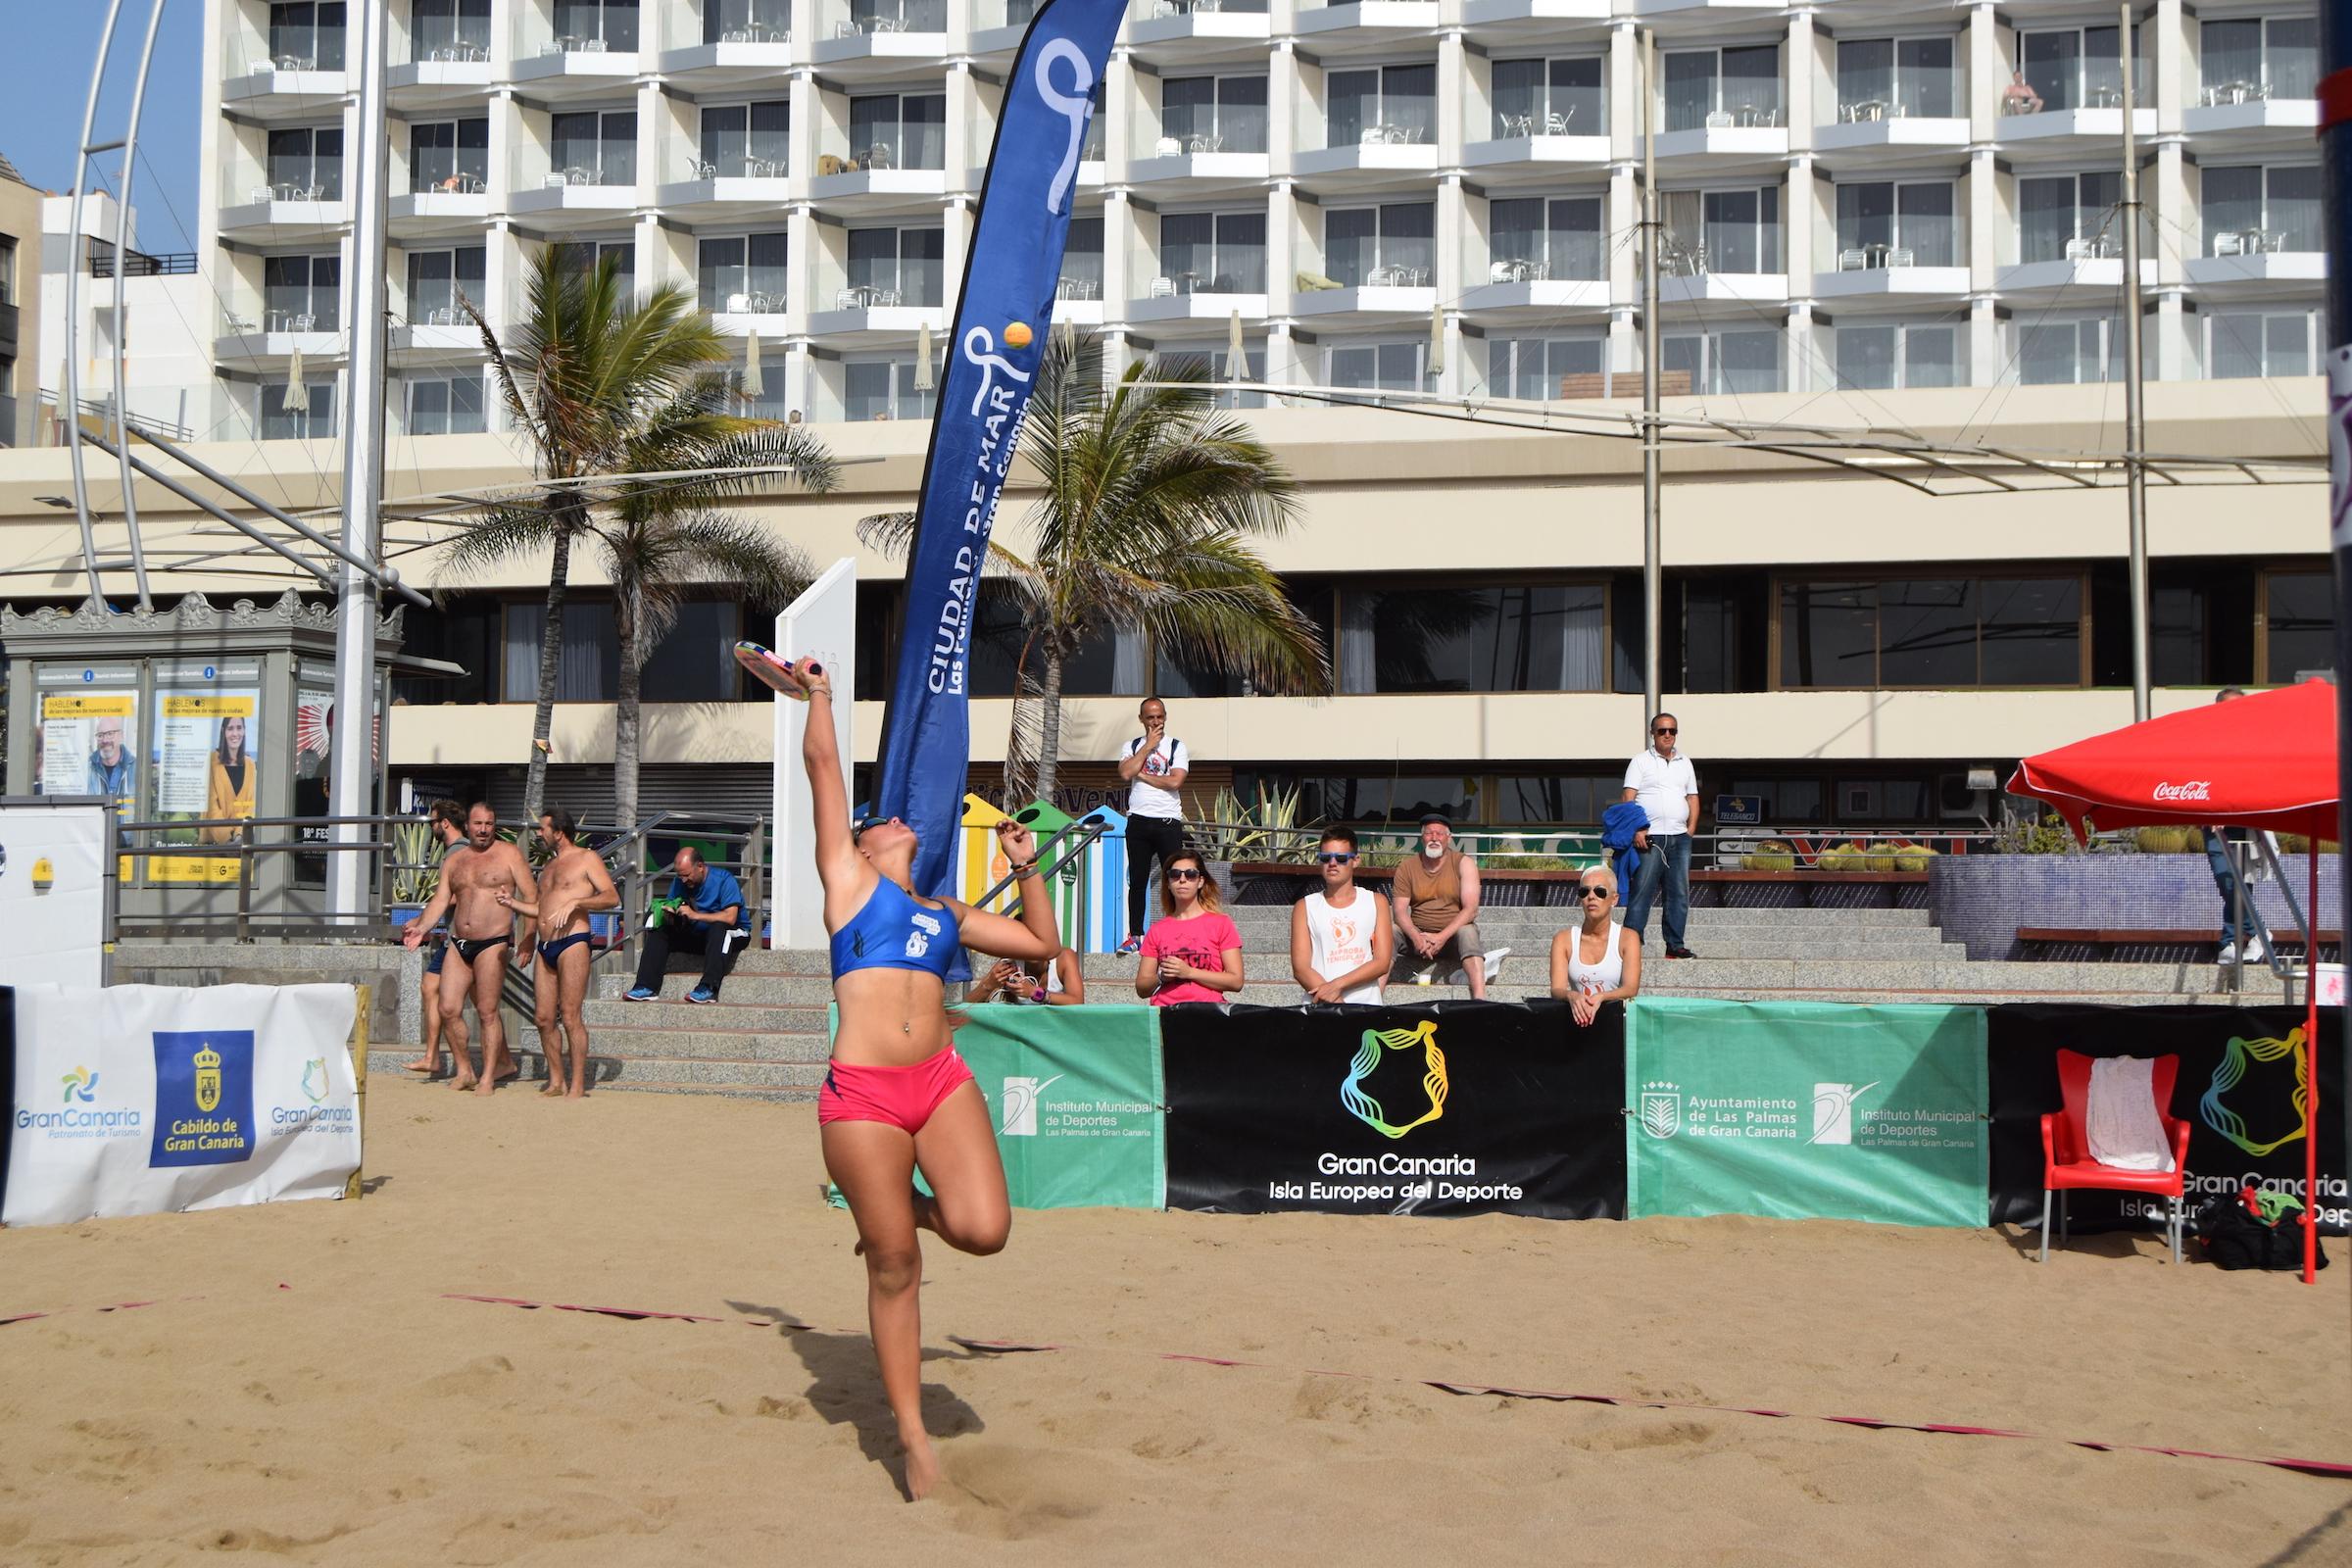 Omayra Farías y Grimanesa Santana, duelo local en la final individual femenina del ITF Beachtennis Gran Canaria 2018